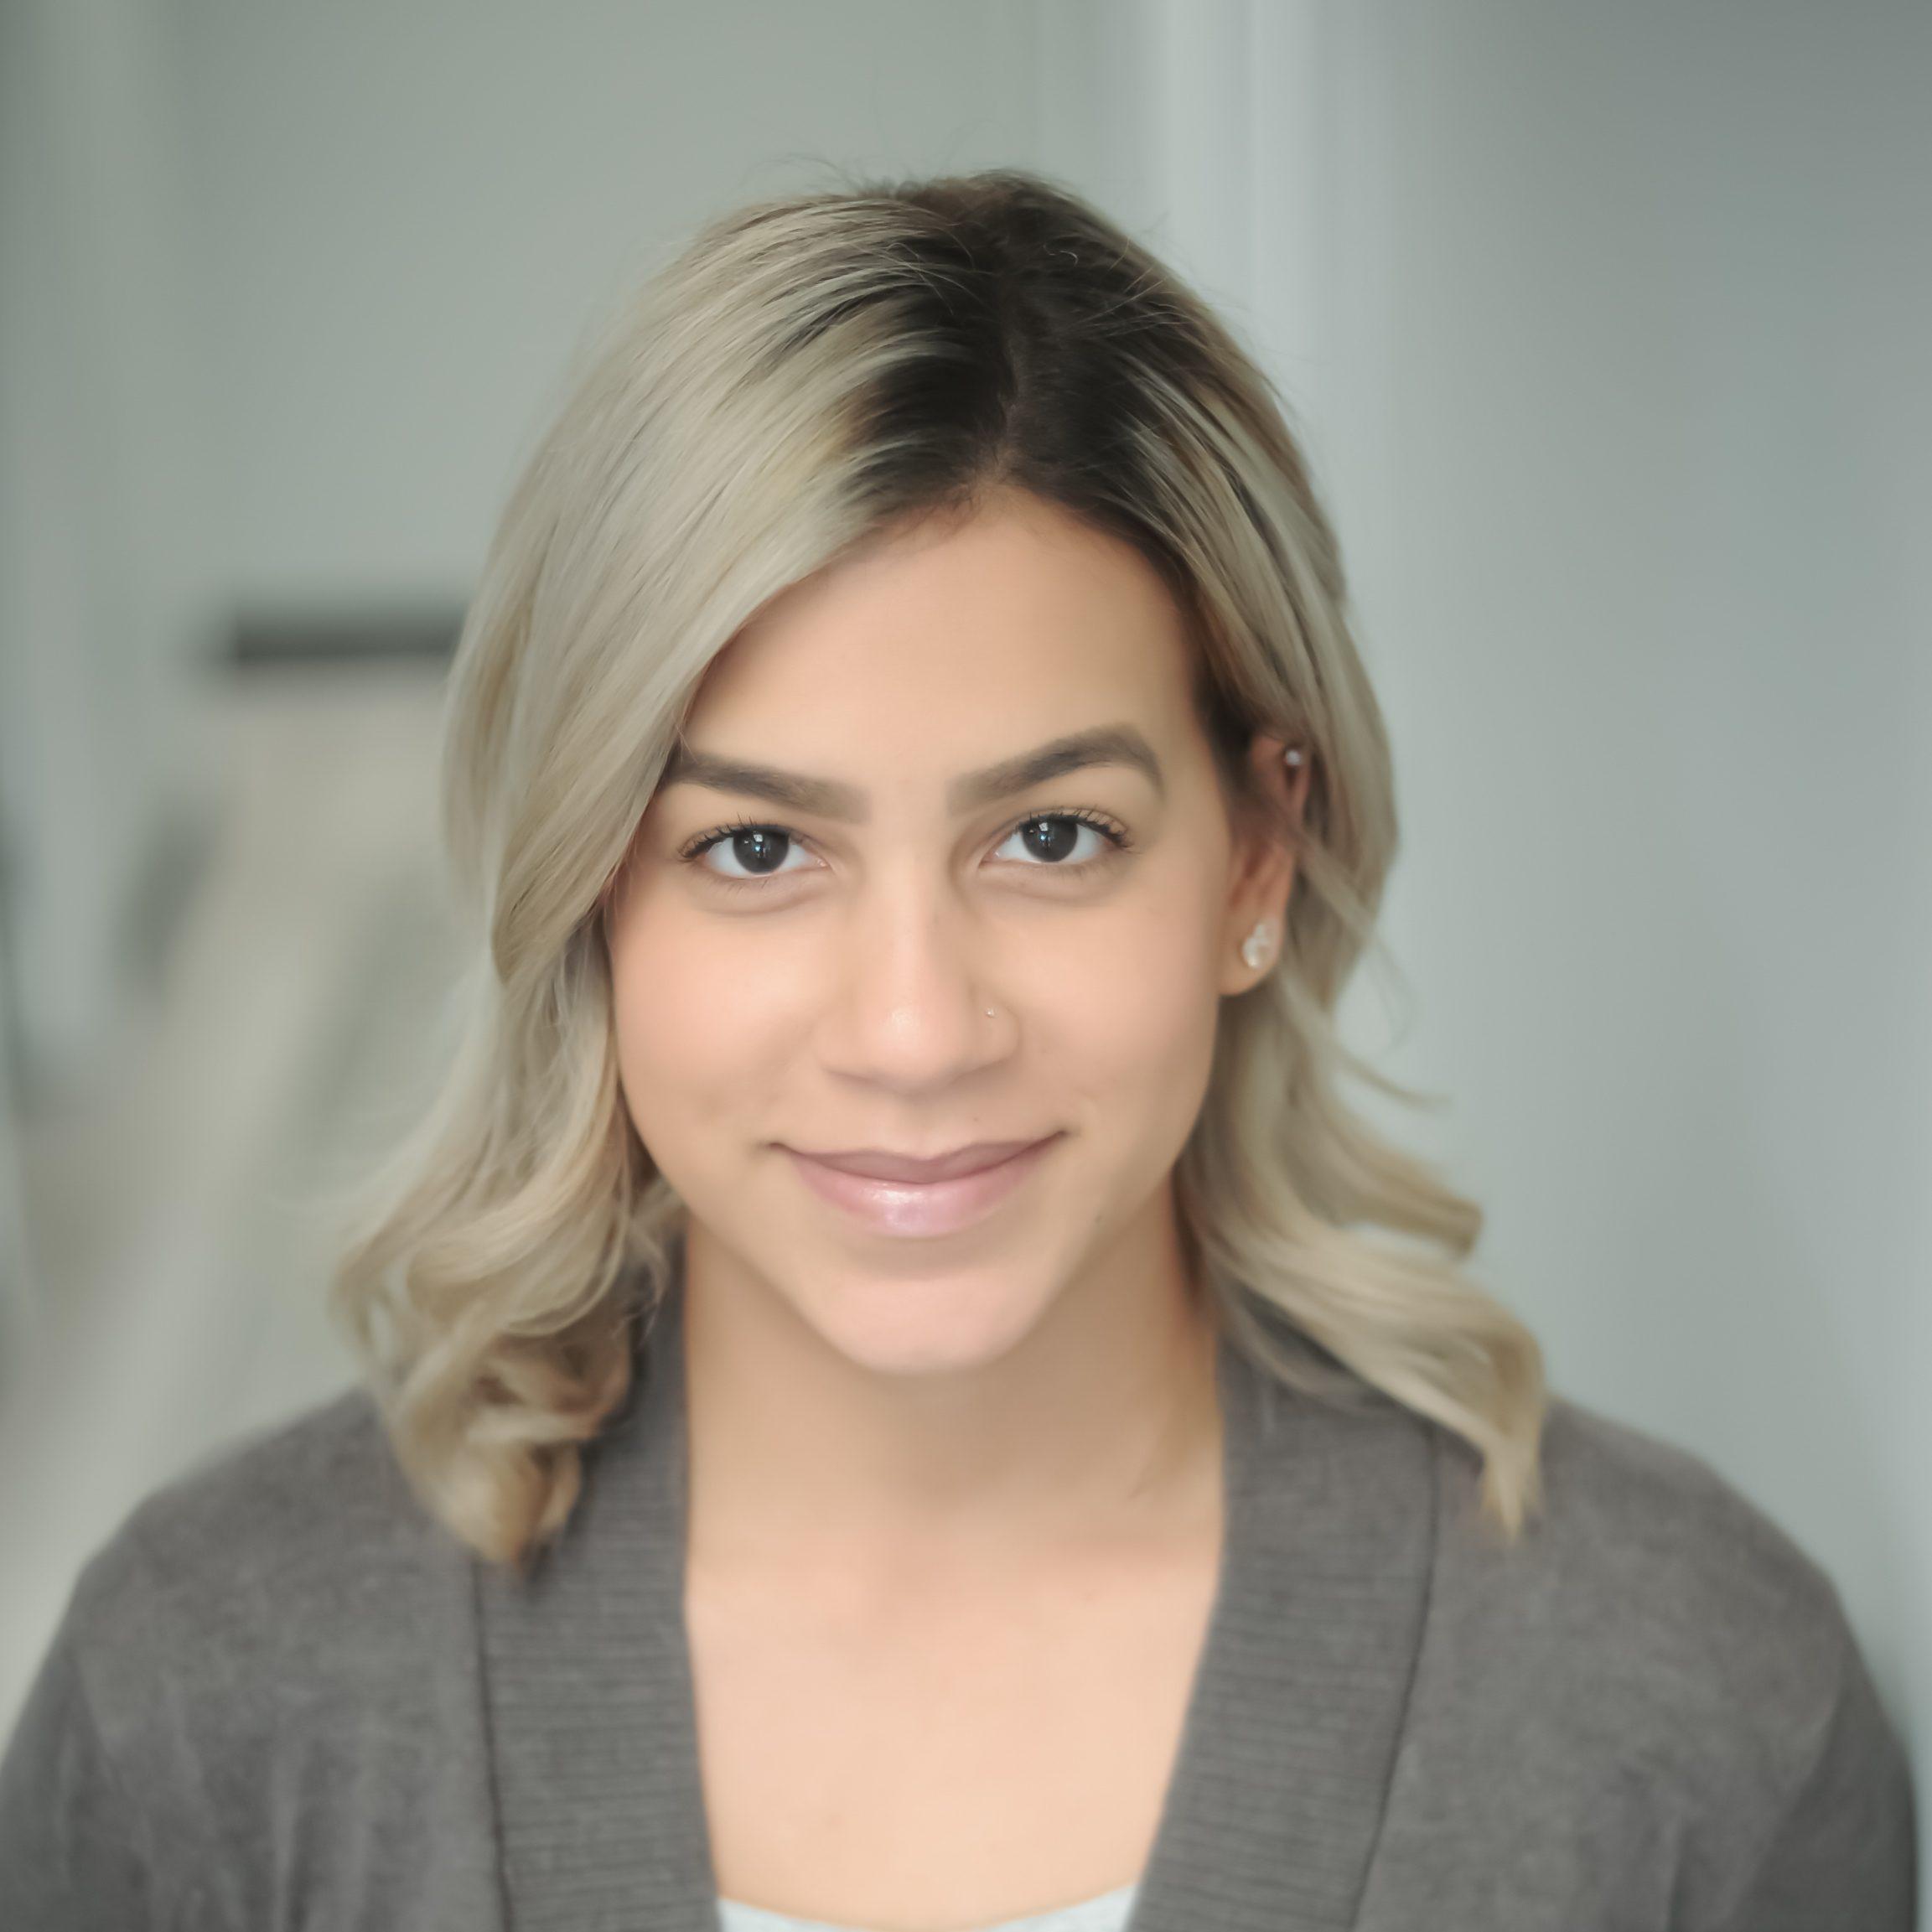 Joanna Peralta